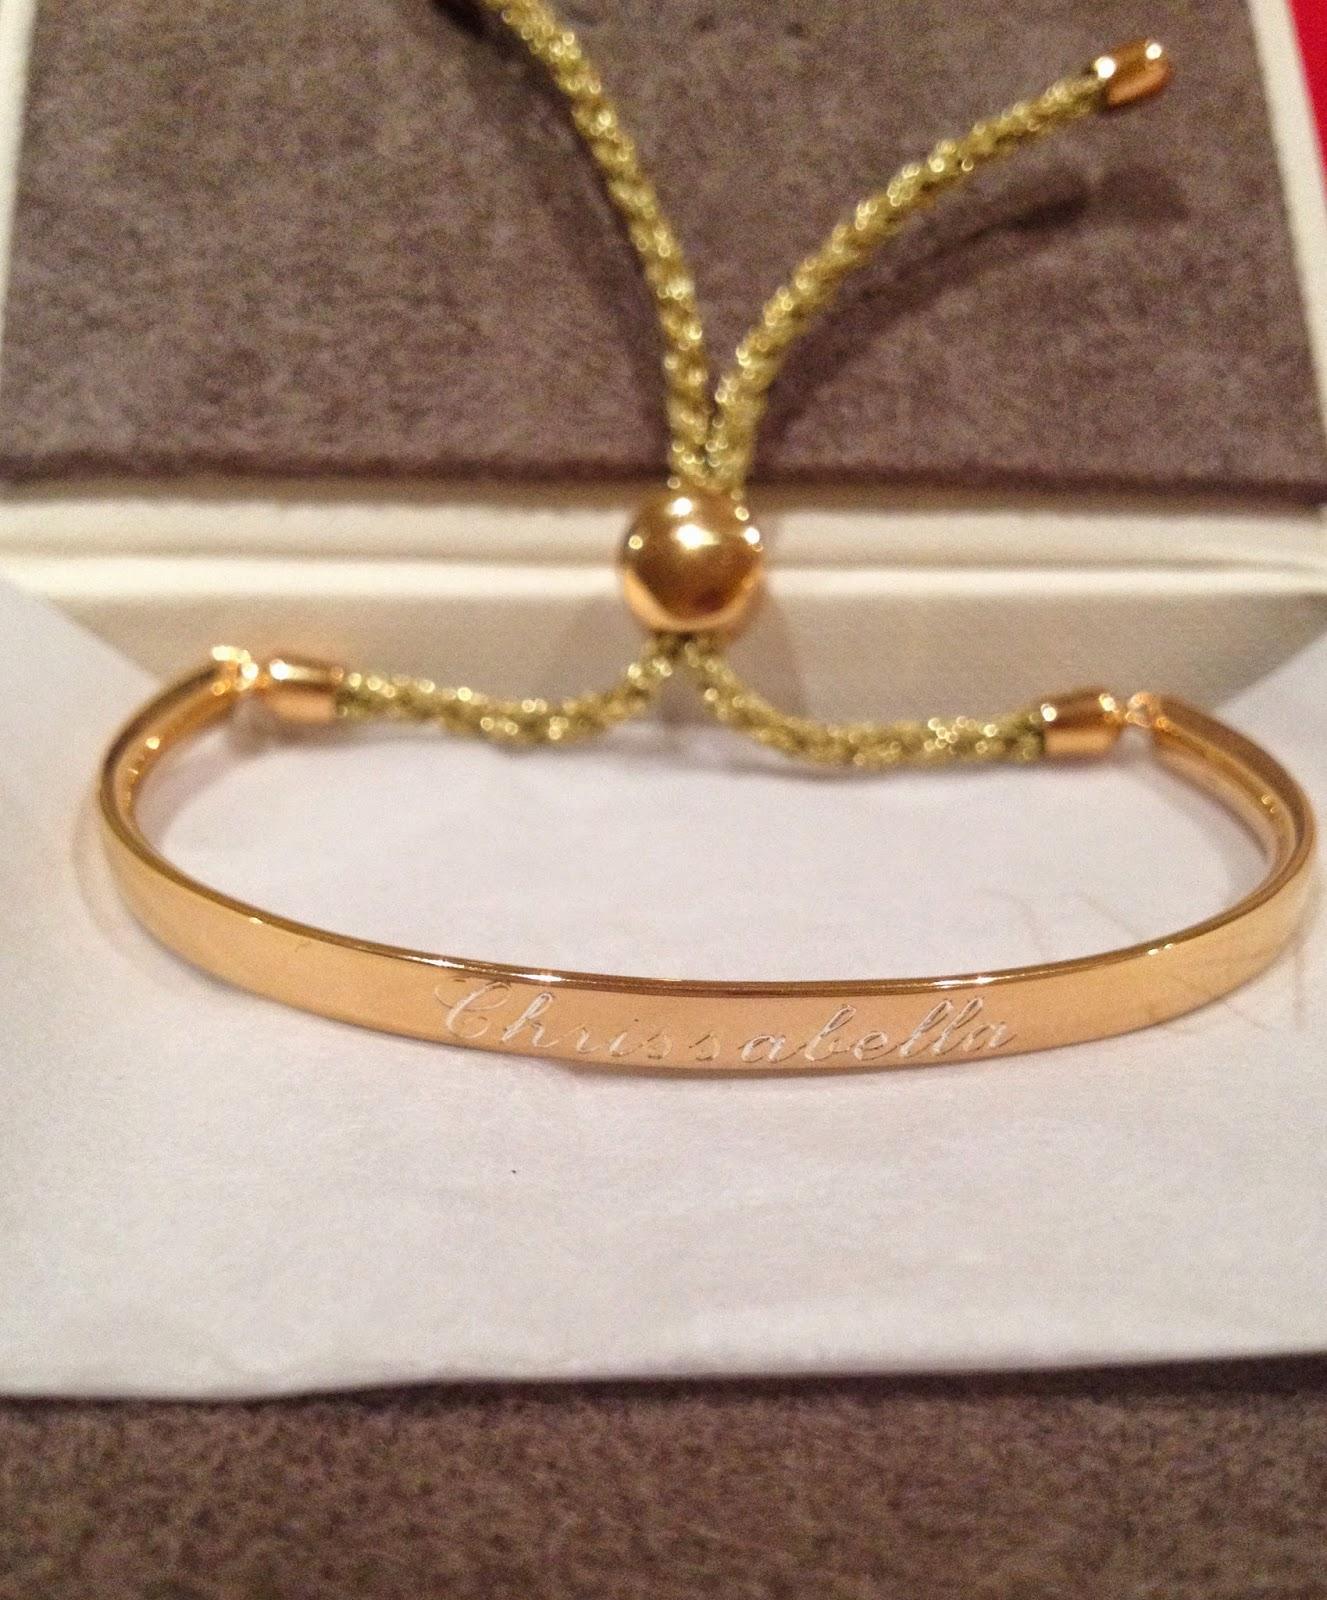 fiji bracelet, monica vinader fiji bracelet